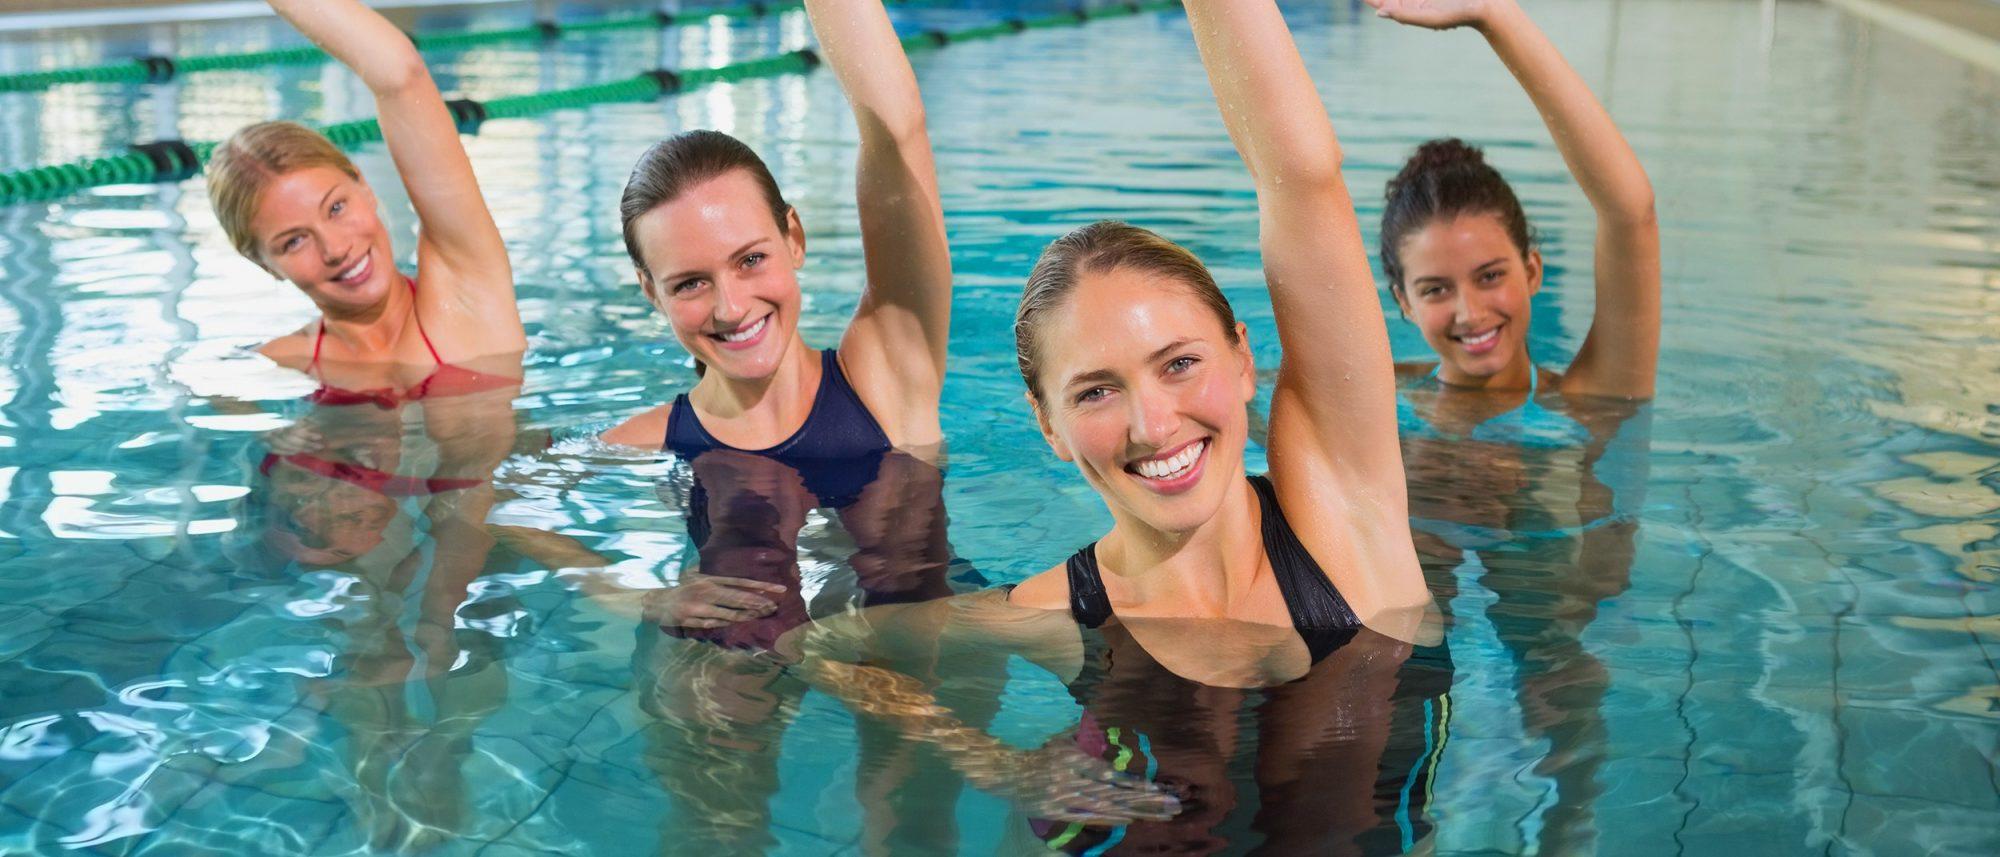 Aqua Fit Classes - Aqua Aerobics classes in Sligo from €5